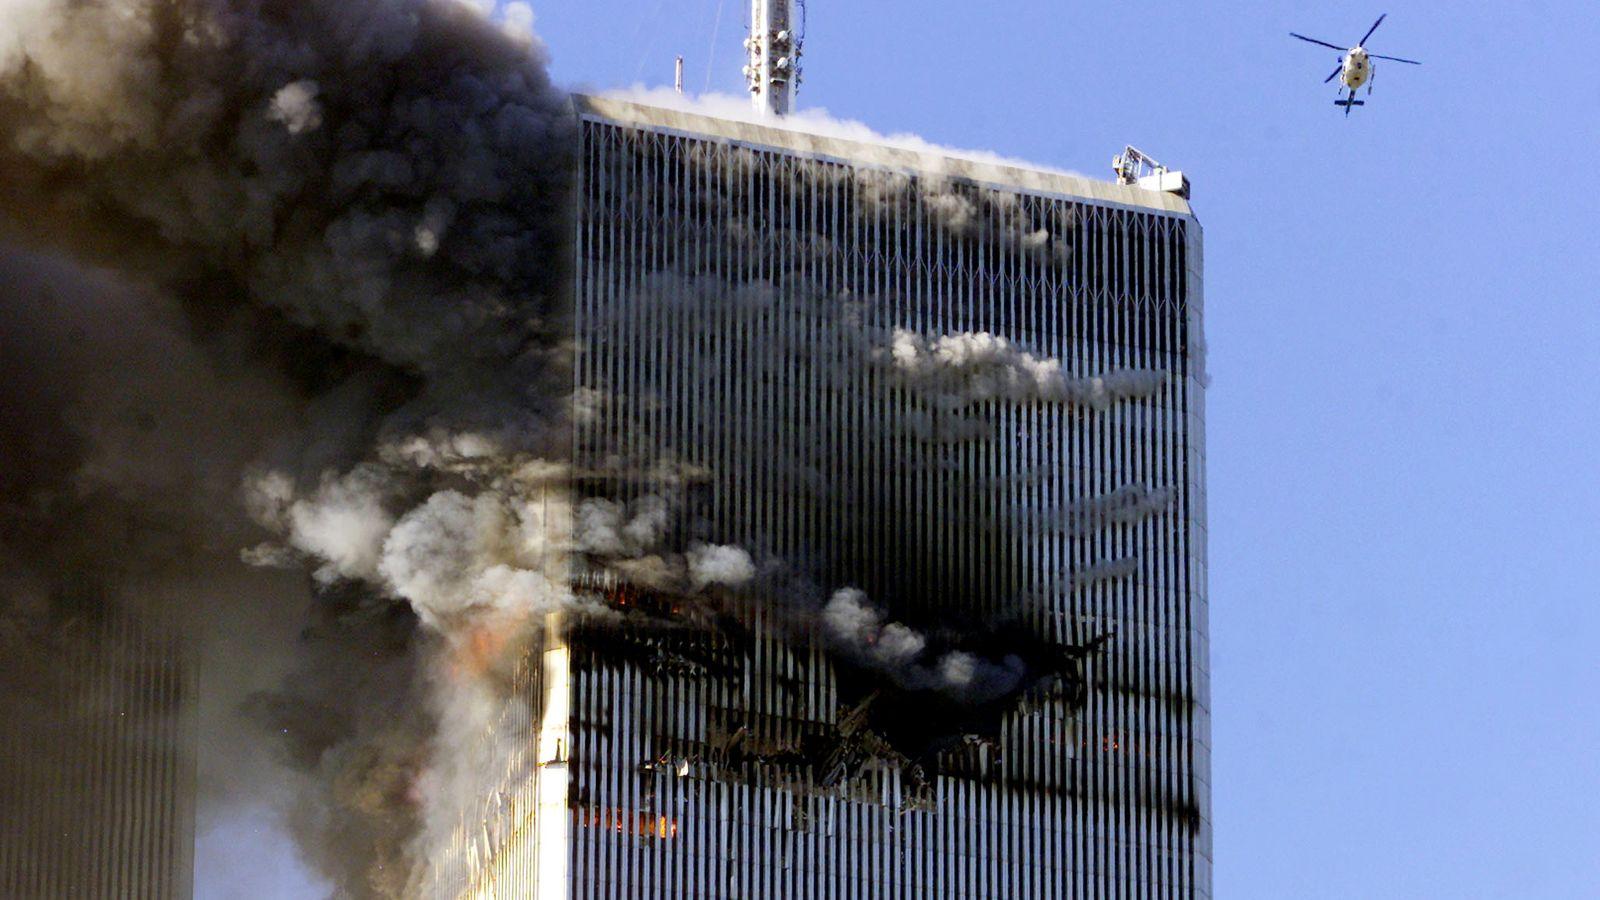 Tâm sự của người bị thiêu sống trong thảm kịch khủng bố 11-9-2001 - Ảnh 4.